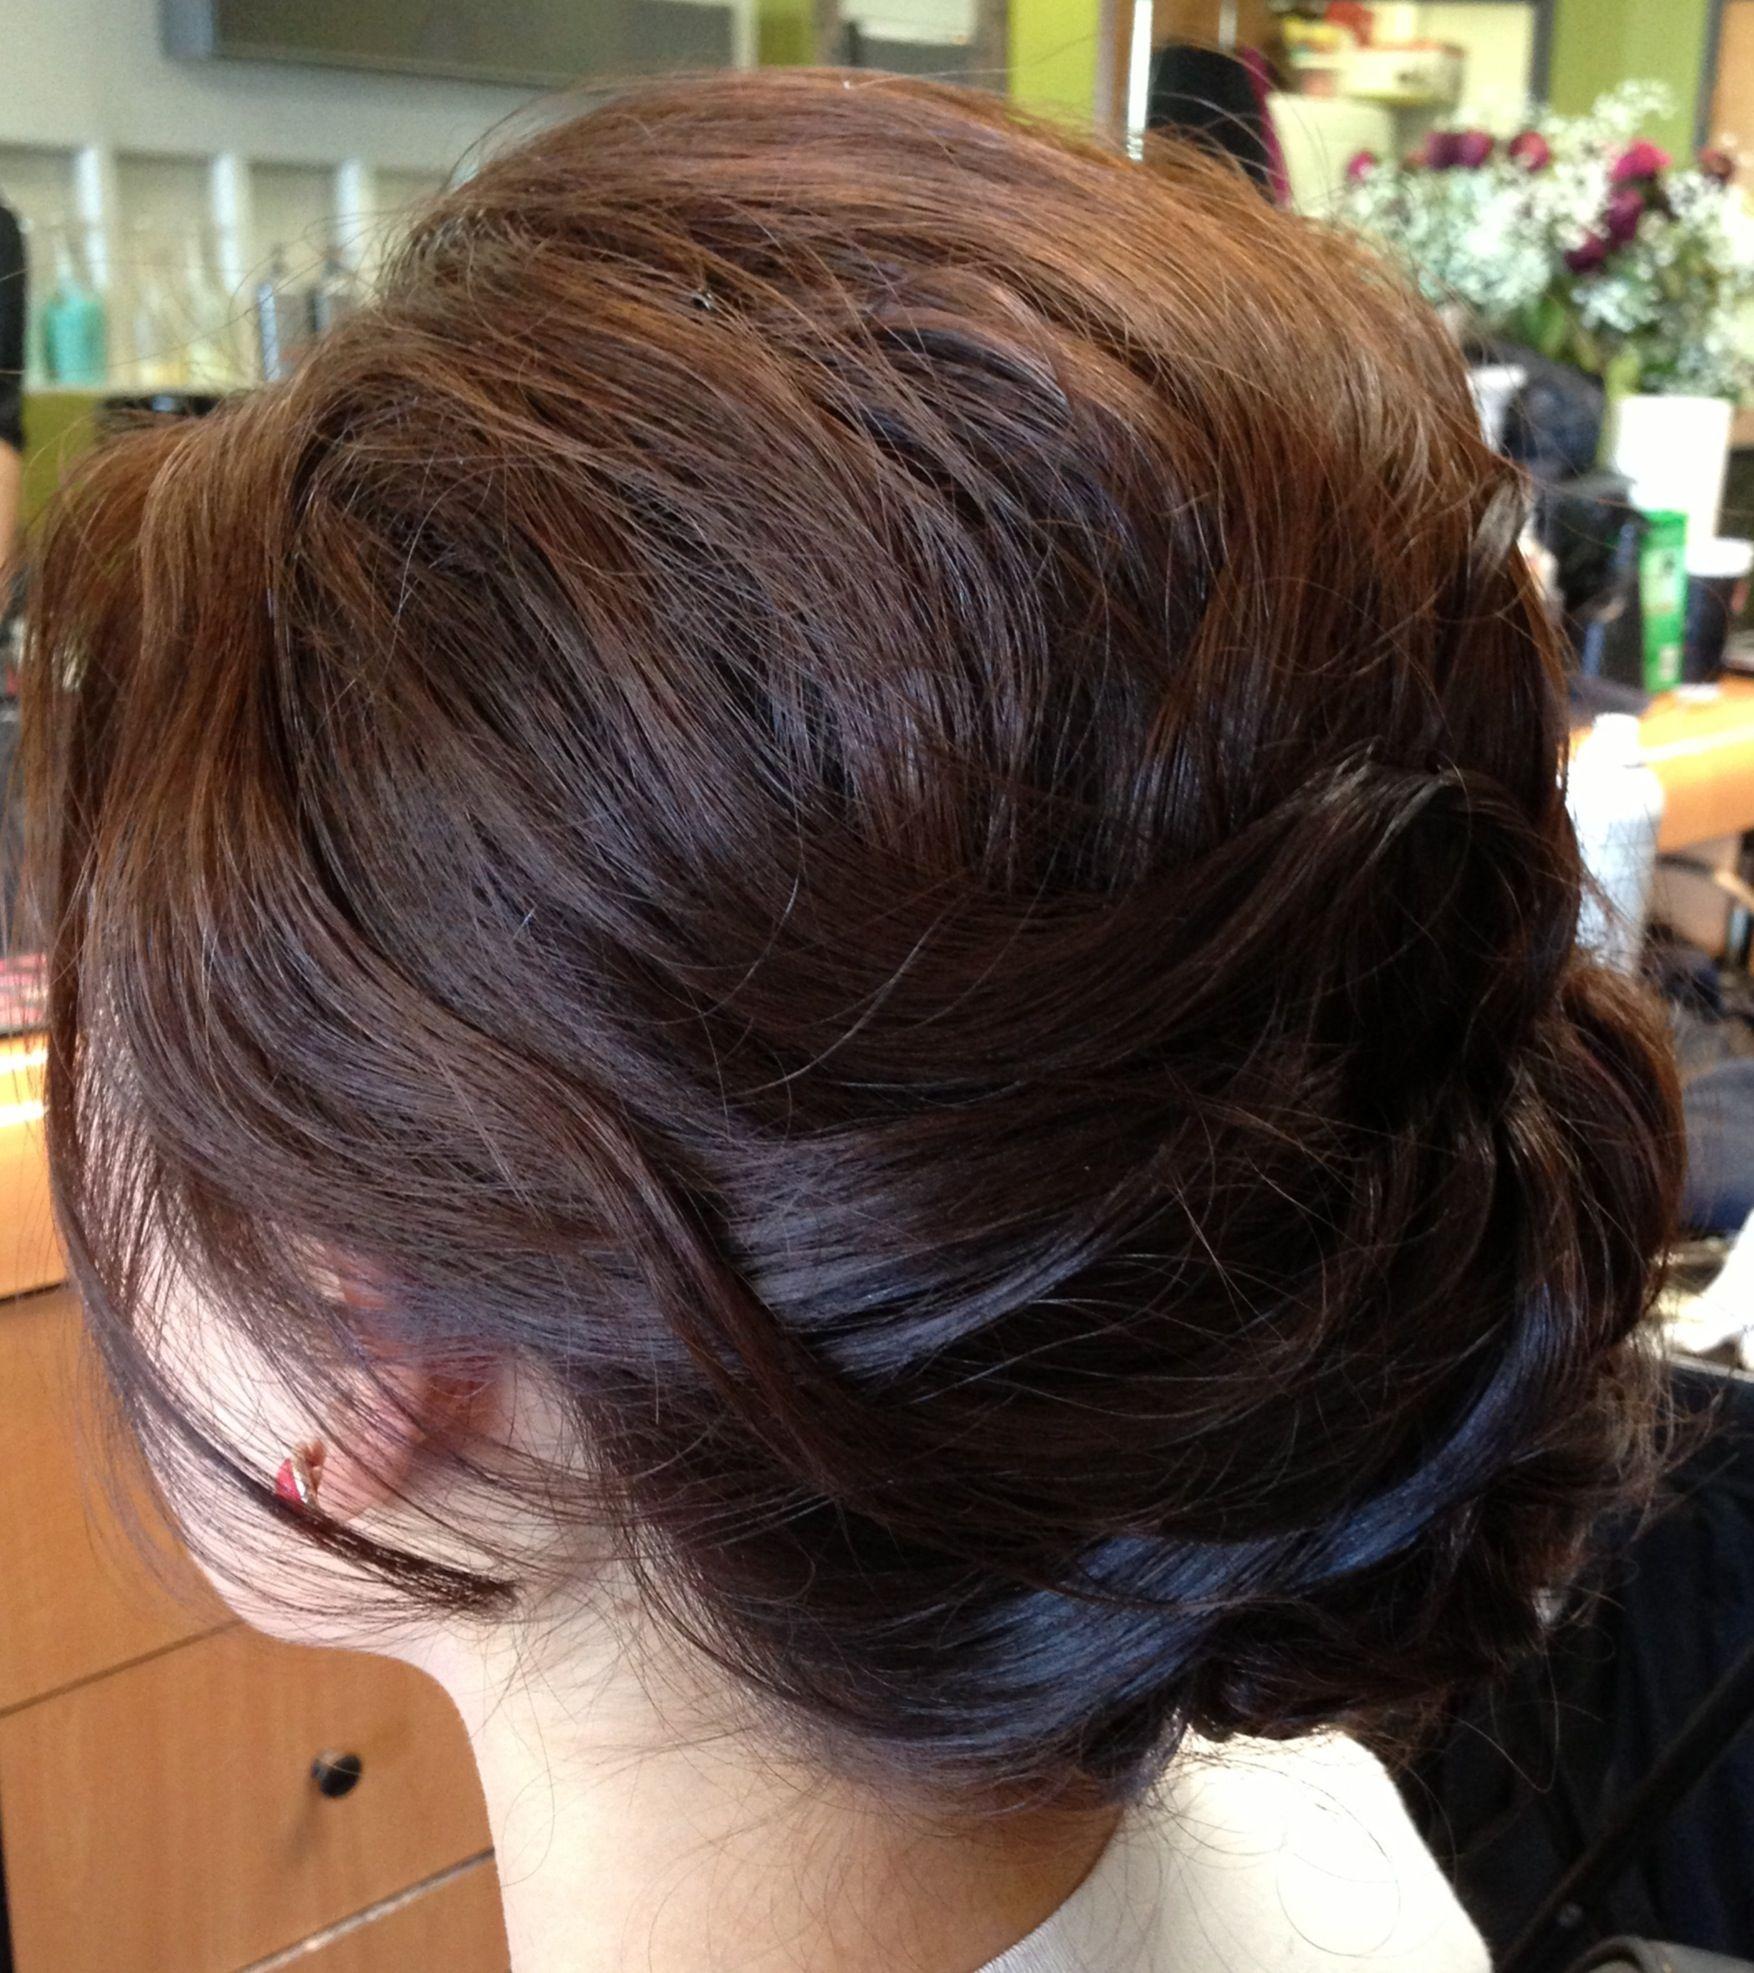 Wedding Updo Wedding Hair Updo Textured Updo Chignon Braids